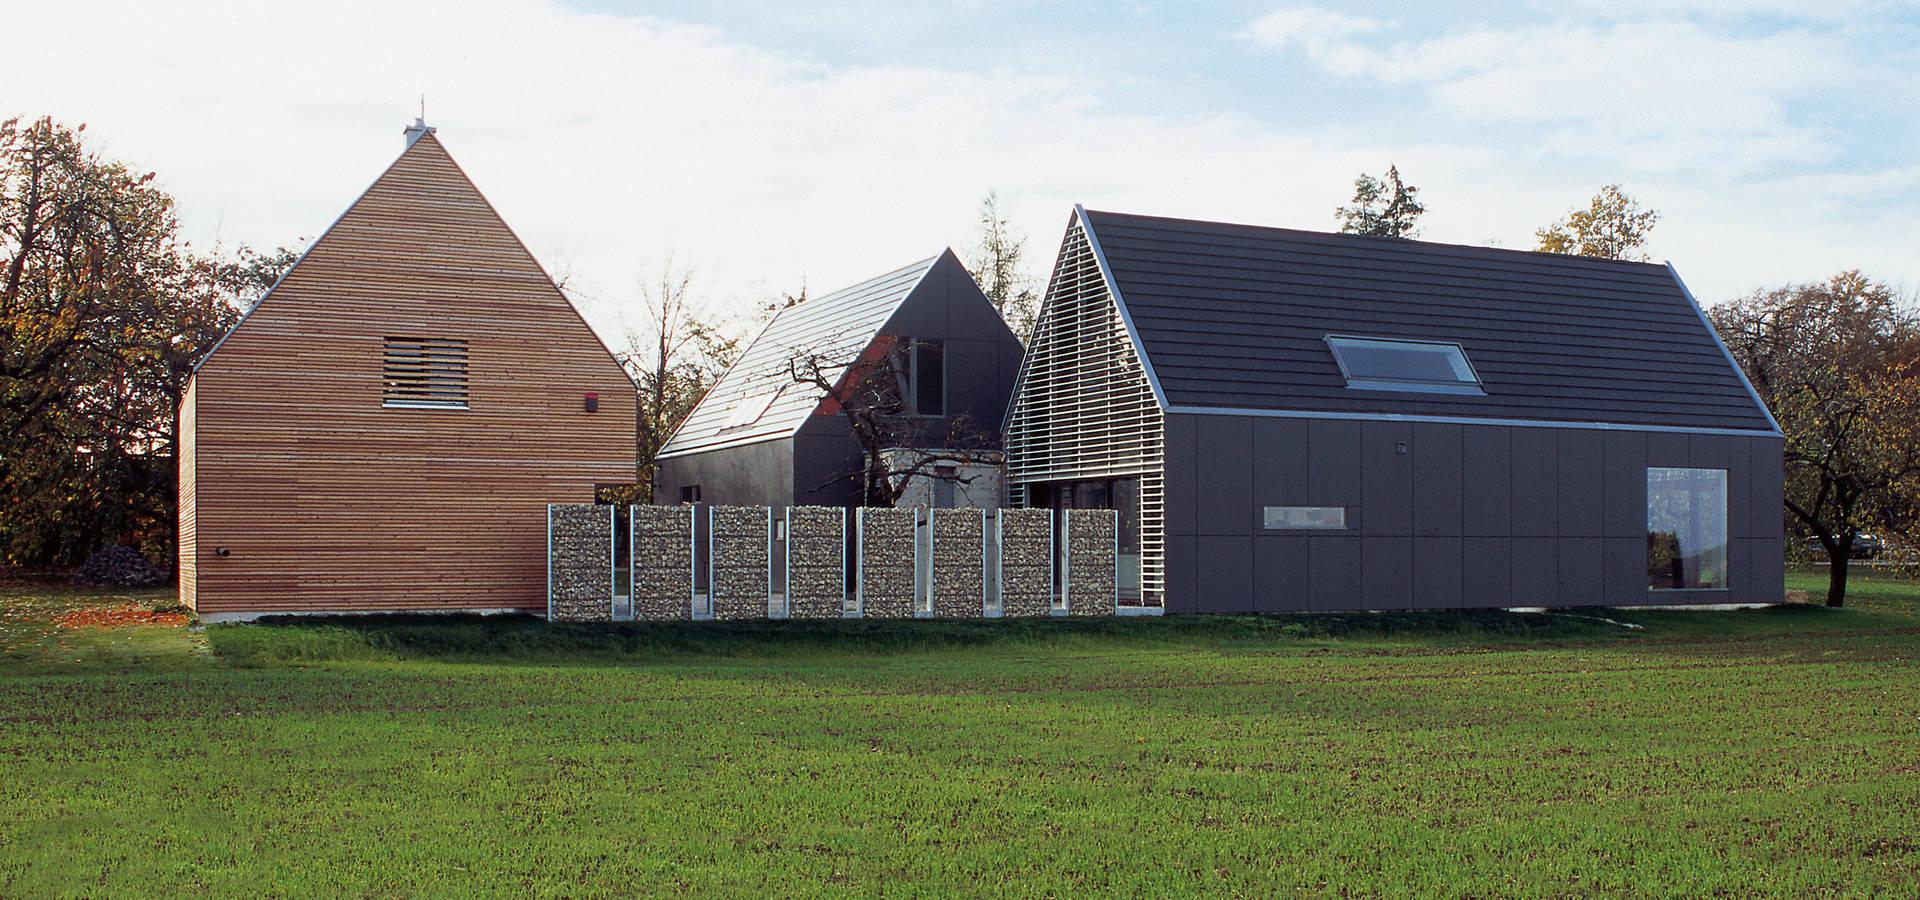 Was Braucht Als Architekt emejing was braucht als architekt photos thehammondreport com